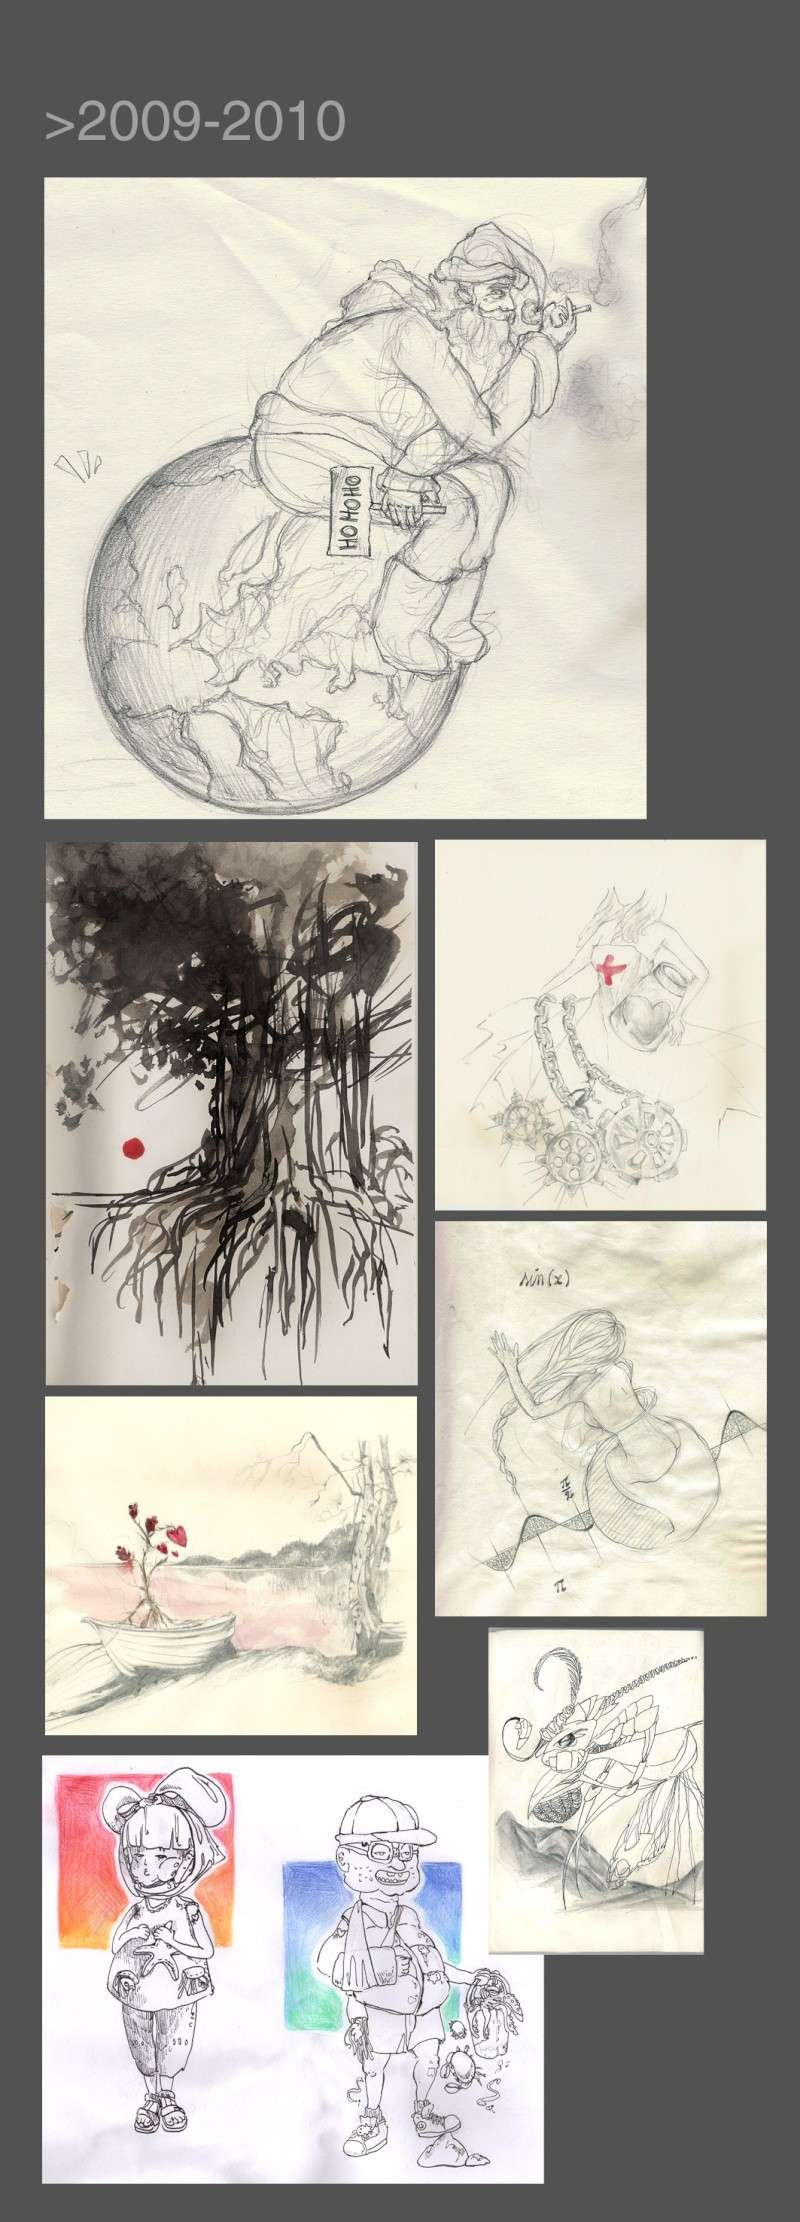 [inspi] Timeline - vos vieux dessins - Page 2 201010